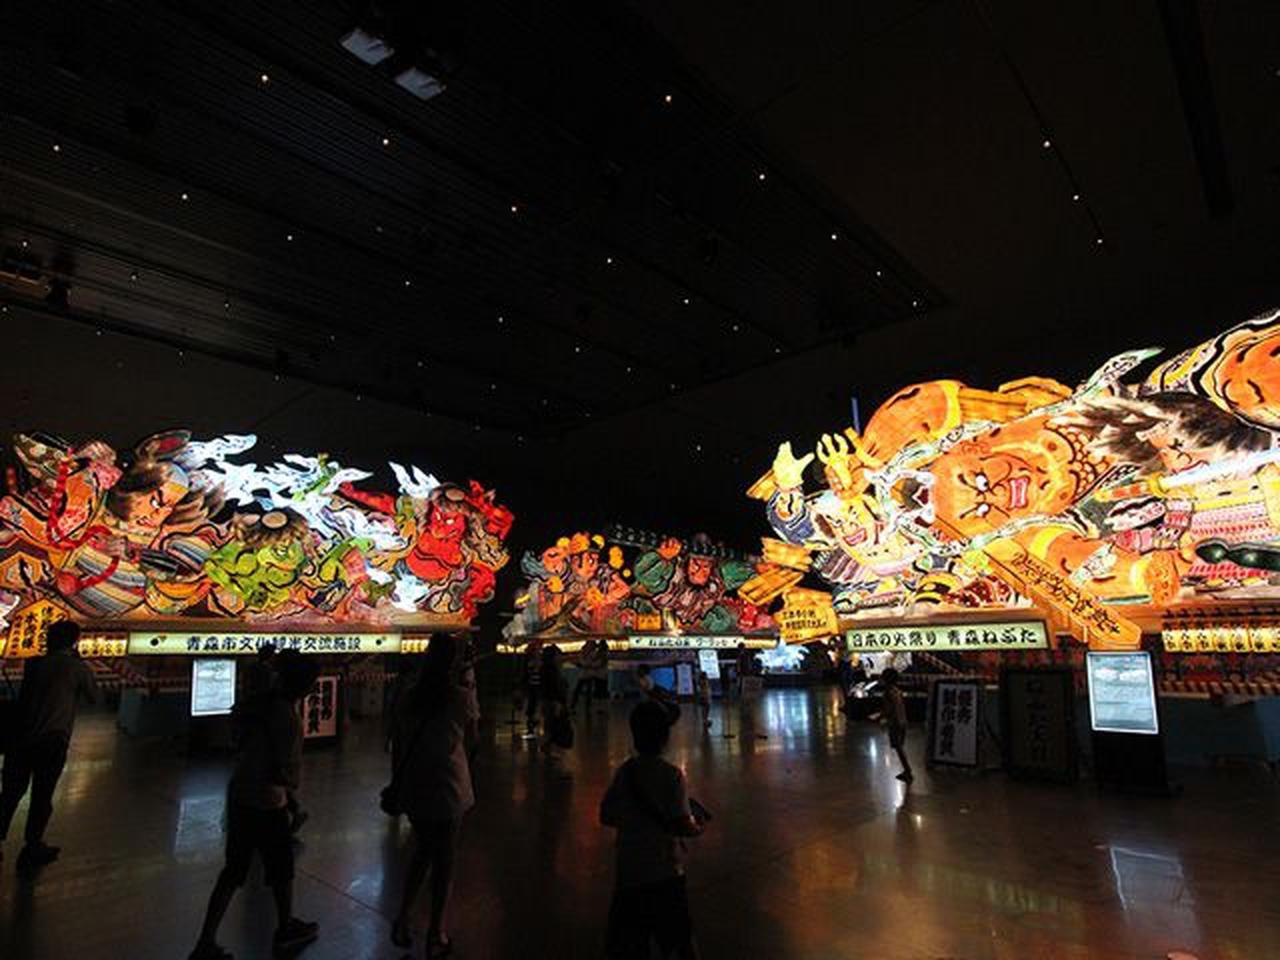 画像1: ねぶた祭から田んぼアートまで! 伝統&アートが楽しい青森旅!